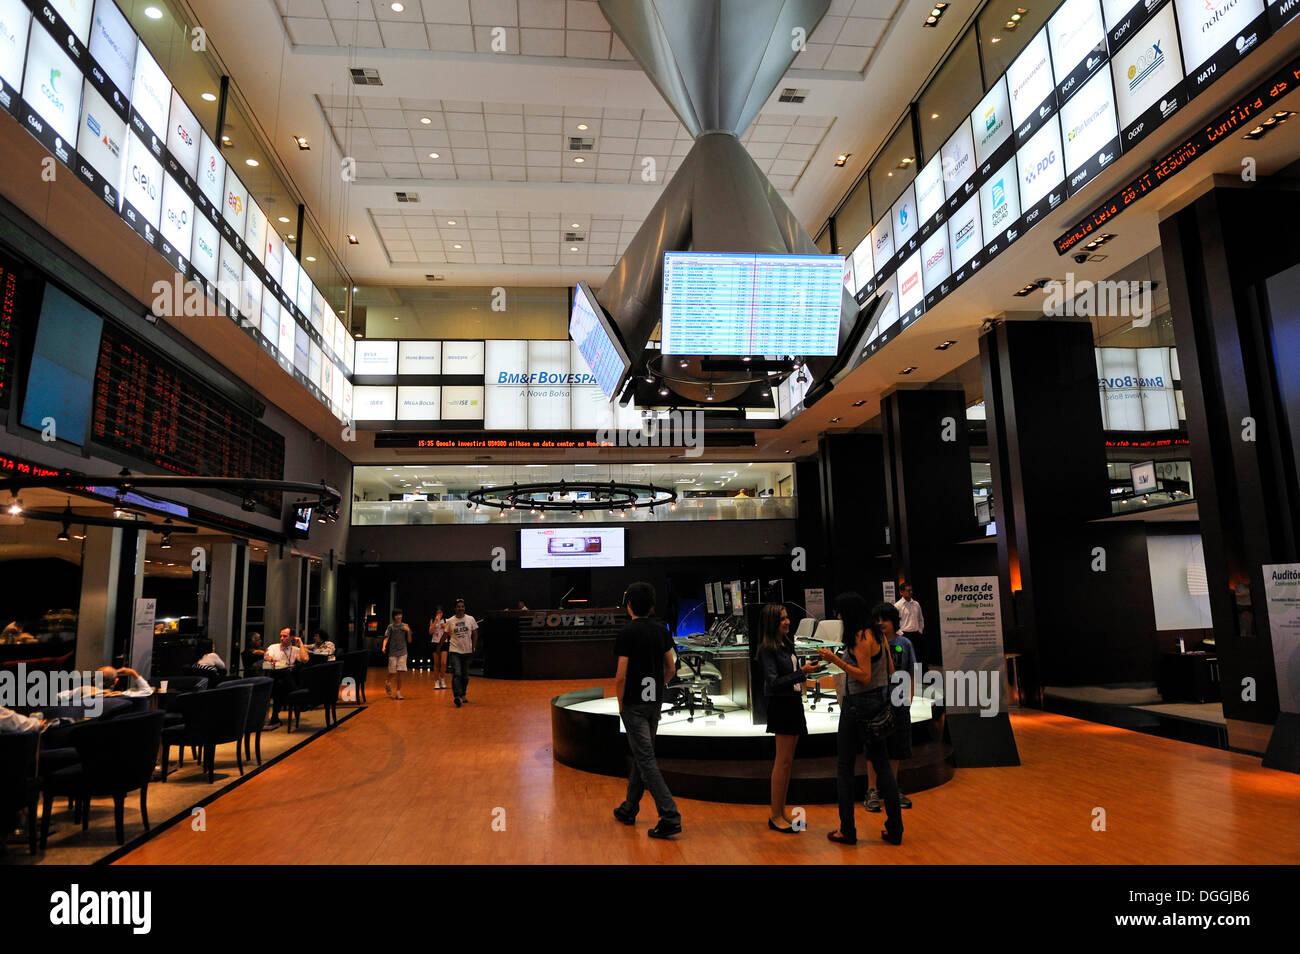 Besucherzentrum der Bovespa, die Börse in Sao Paulo, Brasilien, Südamerika Stockbild